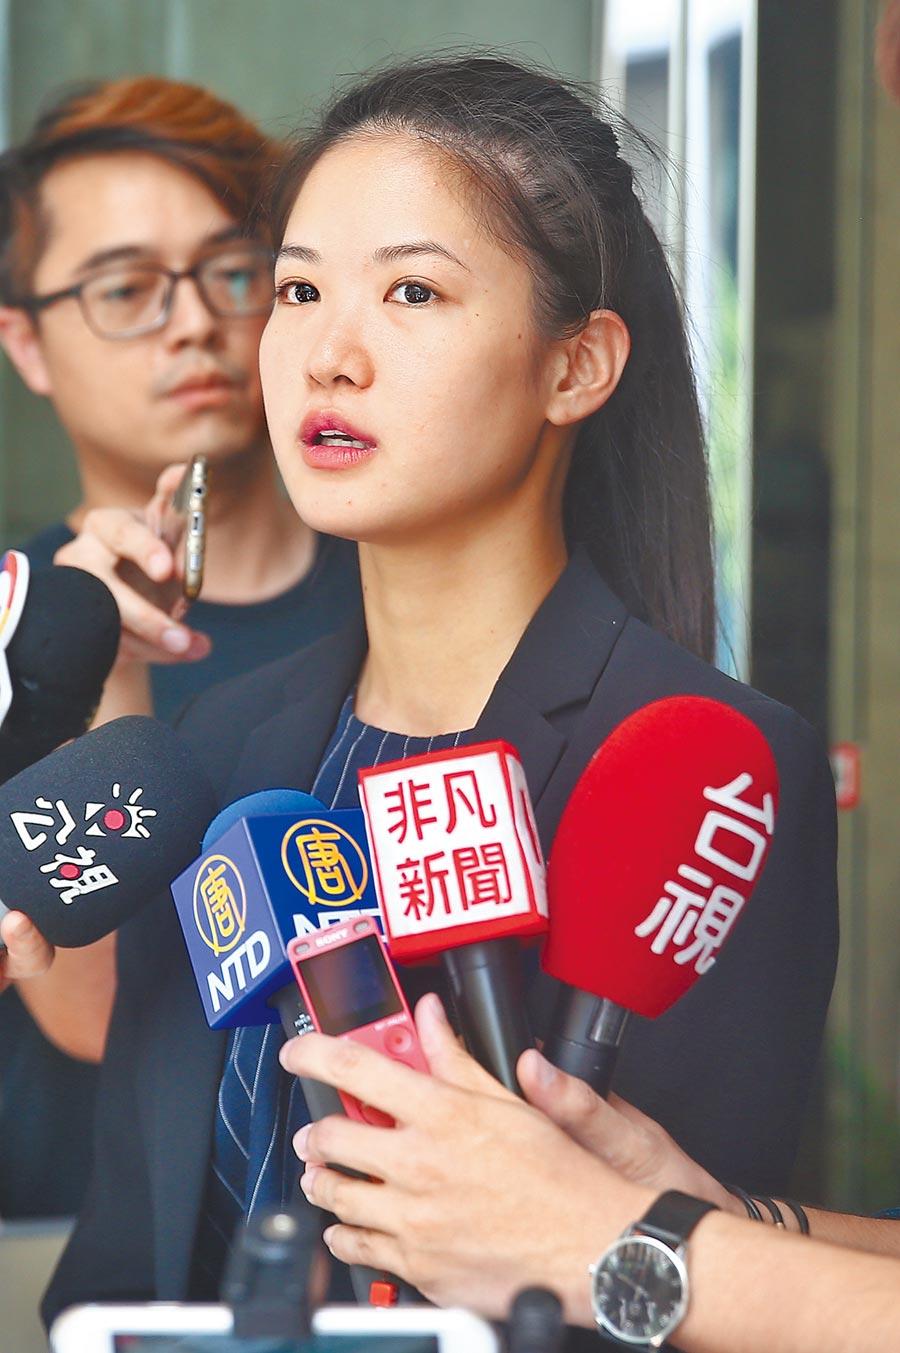 時代力量籍北市議員林亮君8日晚間在臉書PO文宣布退出時力。(本報資料照片)